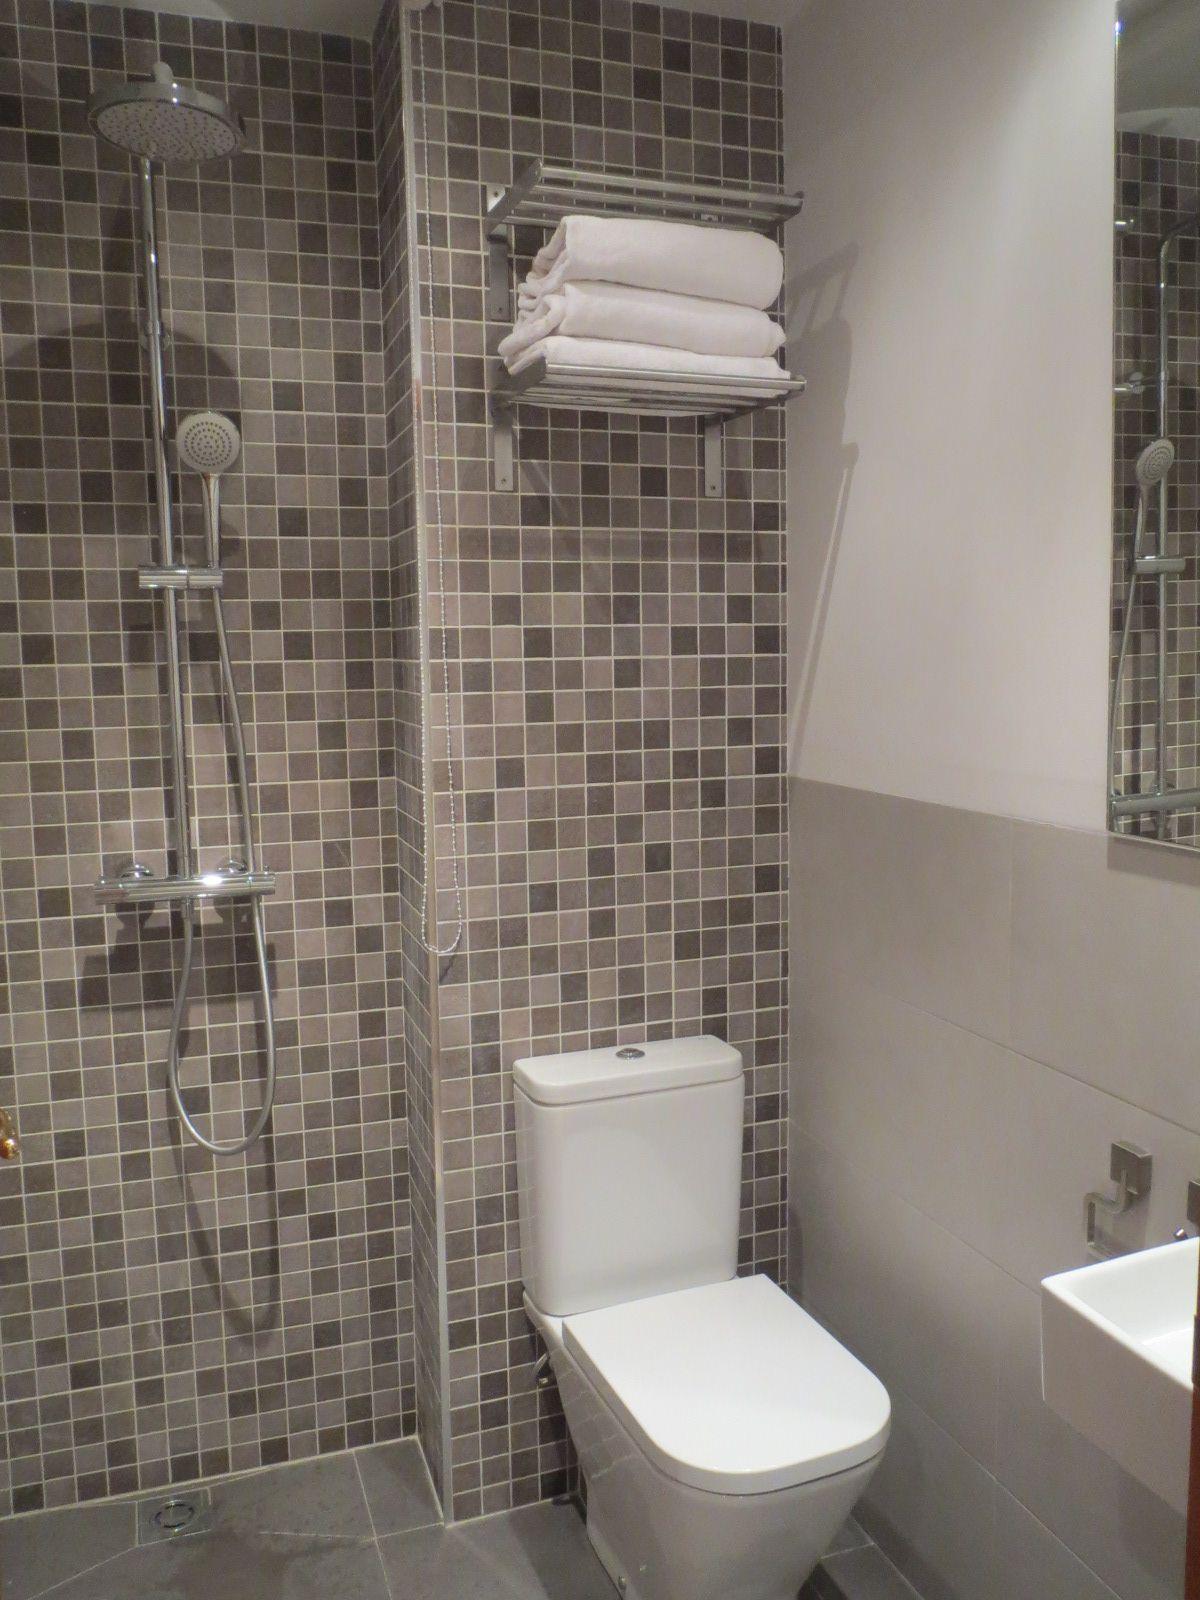 Aseo reformado y equipado con lavabo inodoro y ducha reformas barcelona samaniego - Reformas de banos en barcelona ...